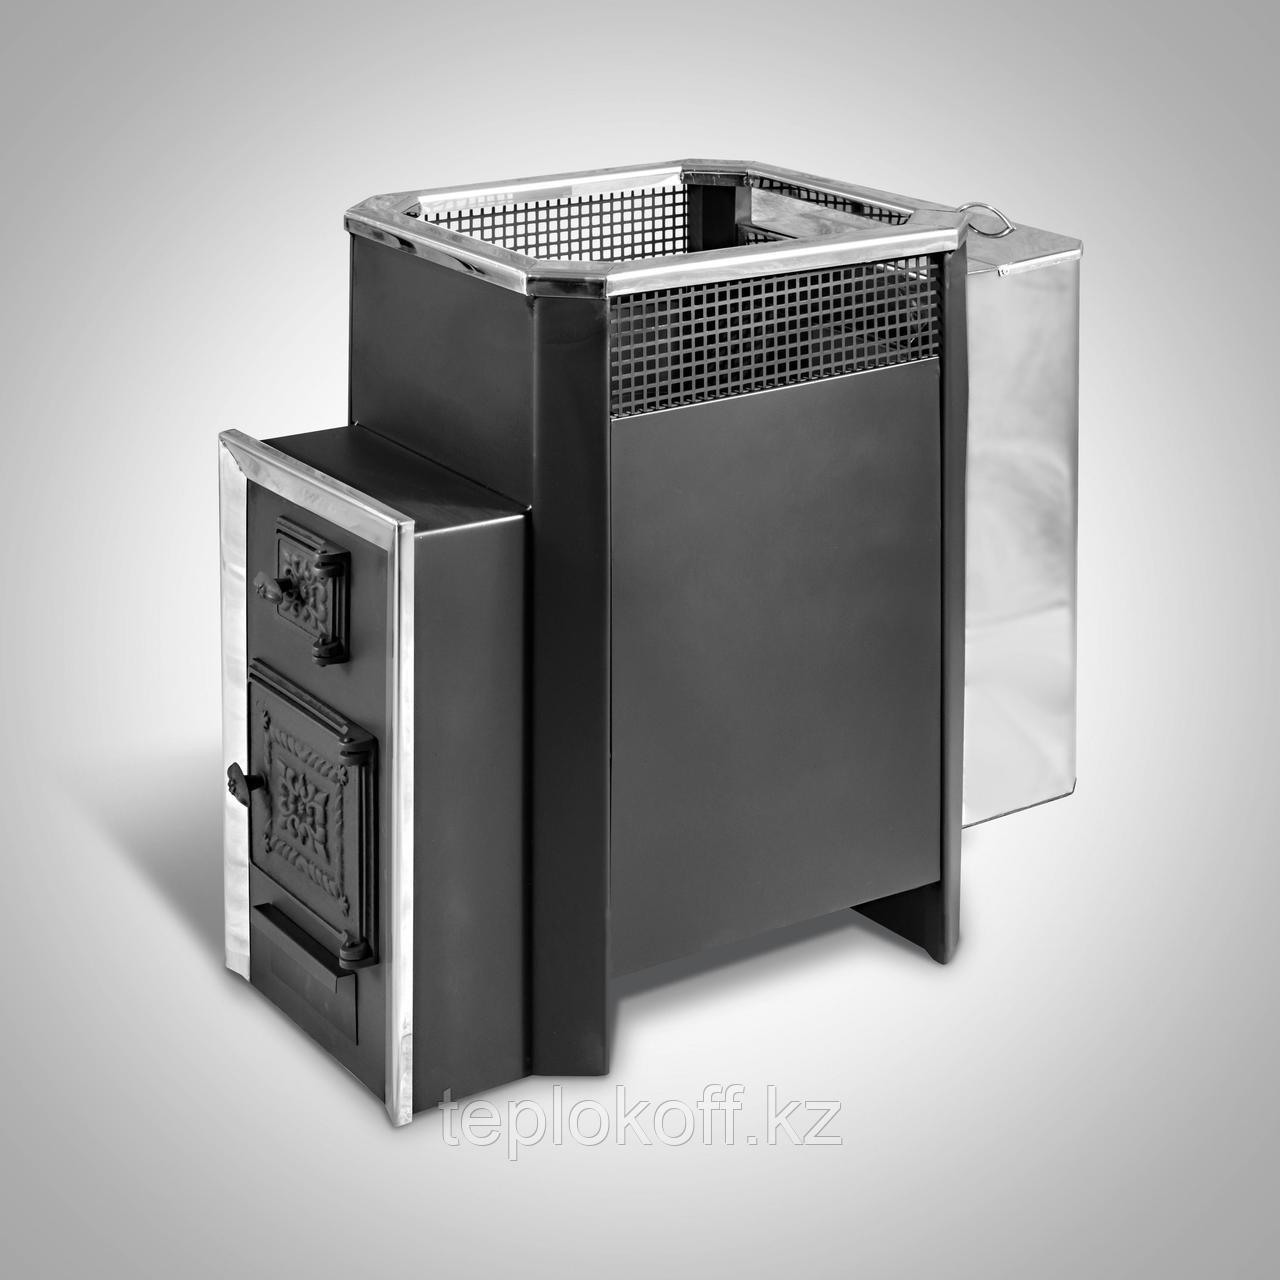 Печь банная Радуга-31Б, сталь 6 мм, под навесной бак 55л, дверца со стеклом